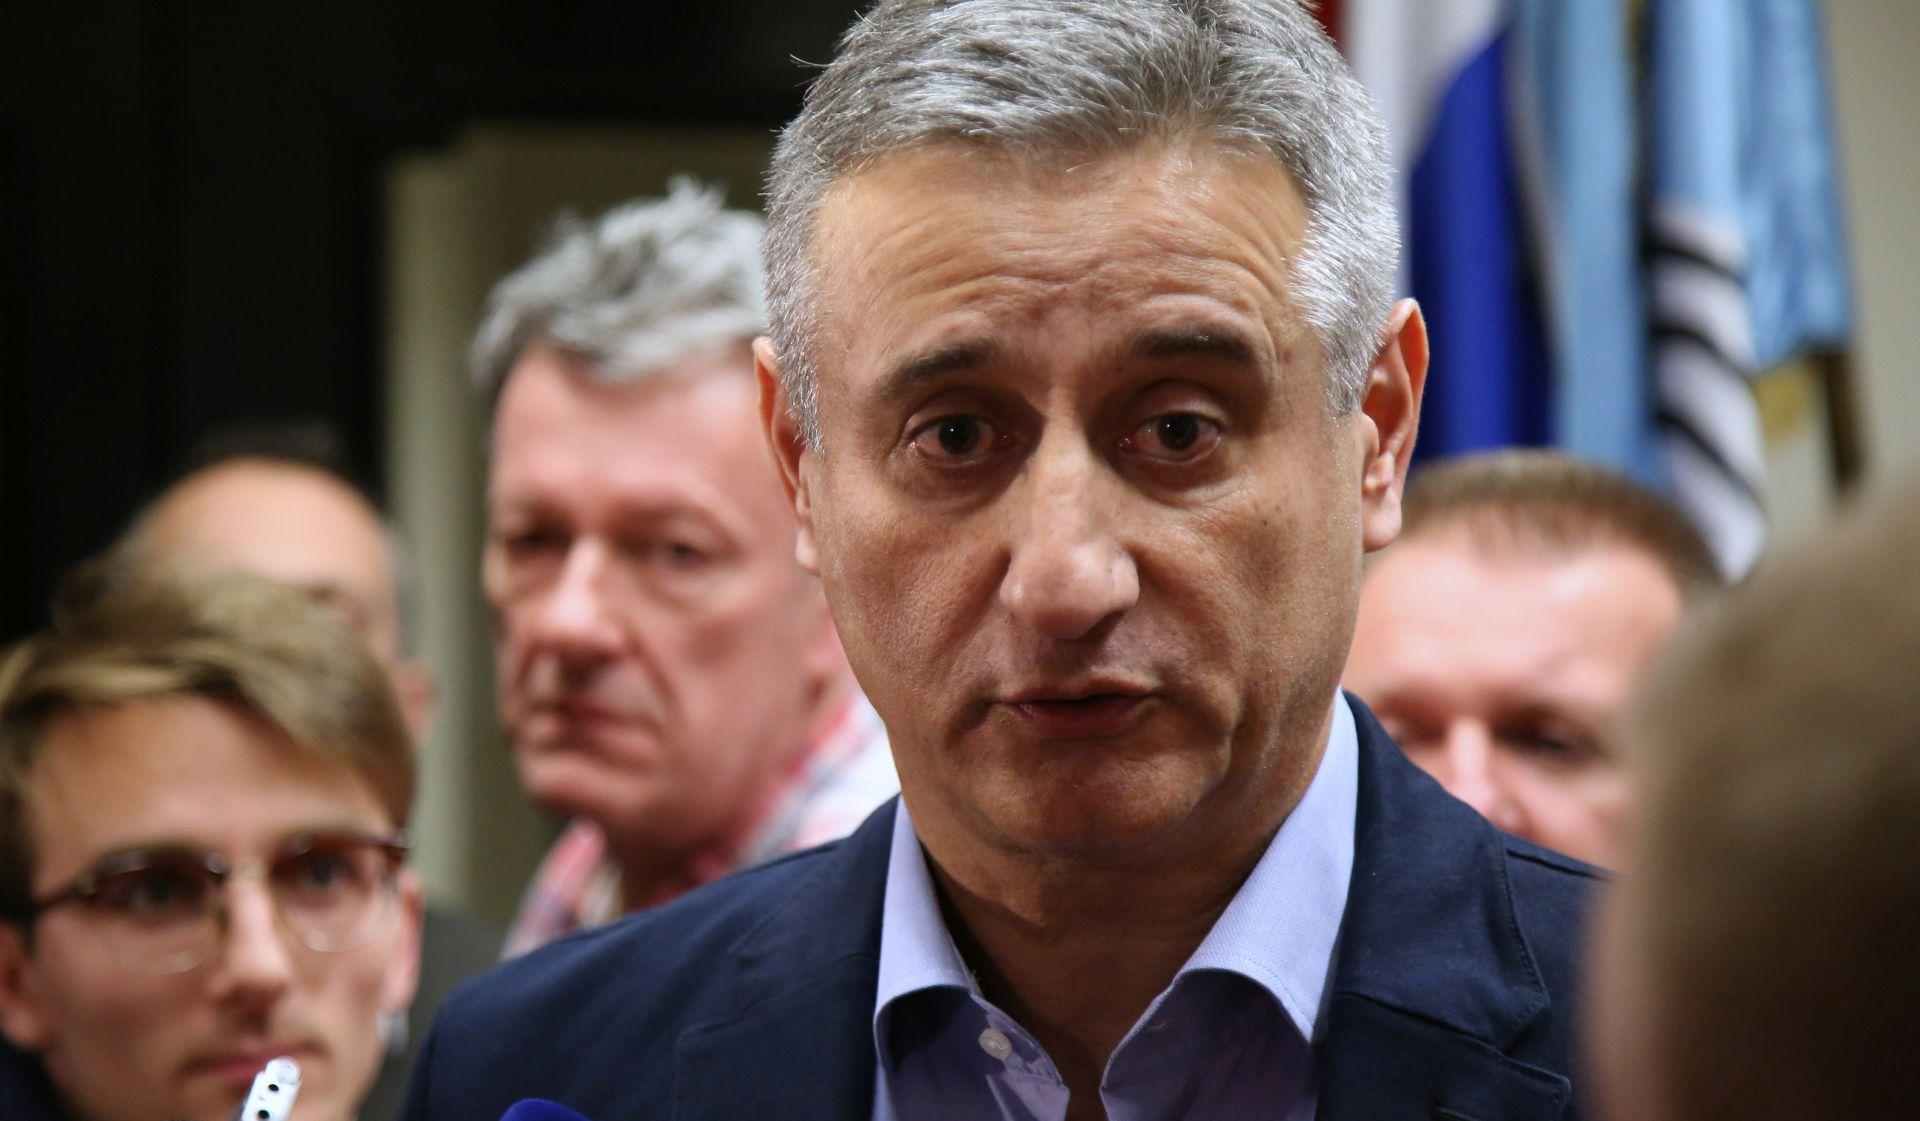 KARAMARKO Ja nisam Zoran Milanović da svaki dan mijenjam svoje stavove zbog fotelje